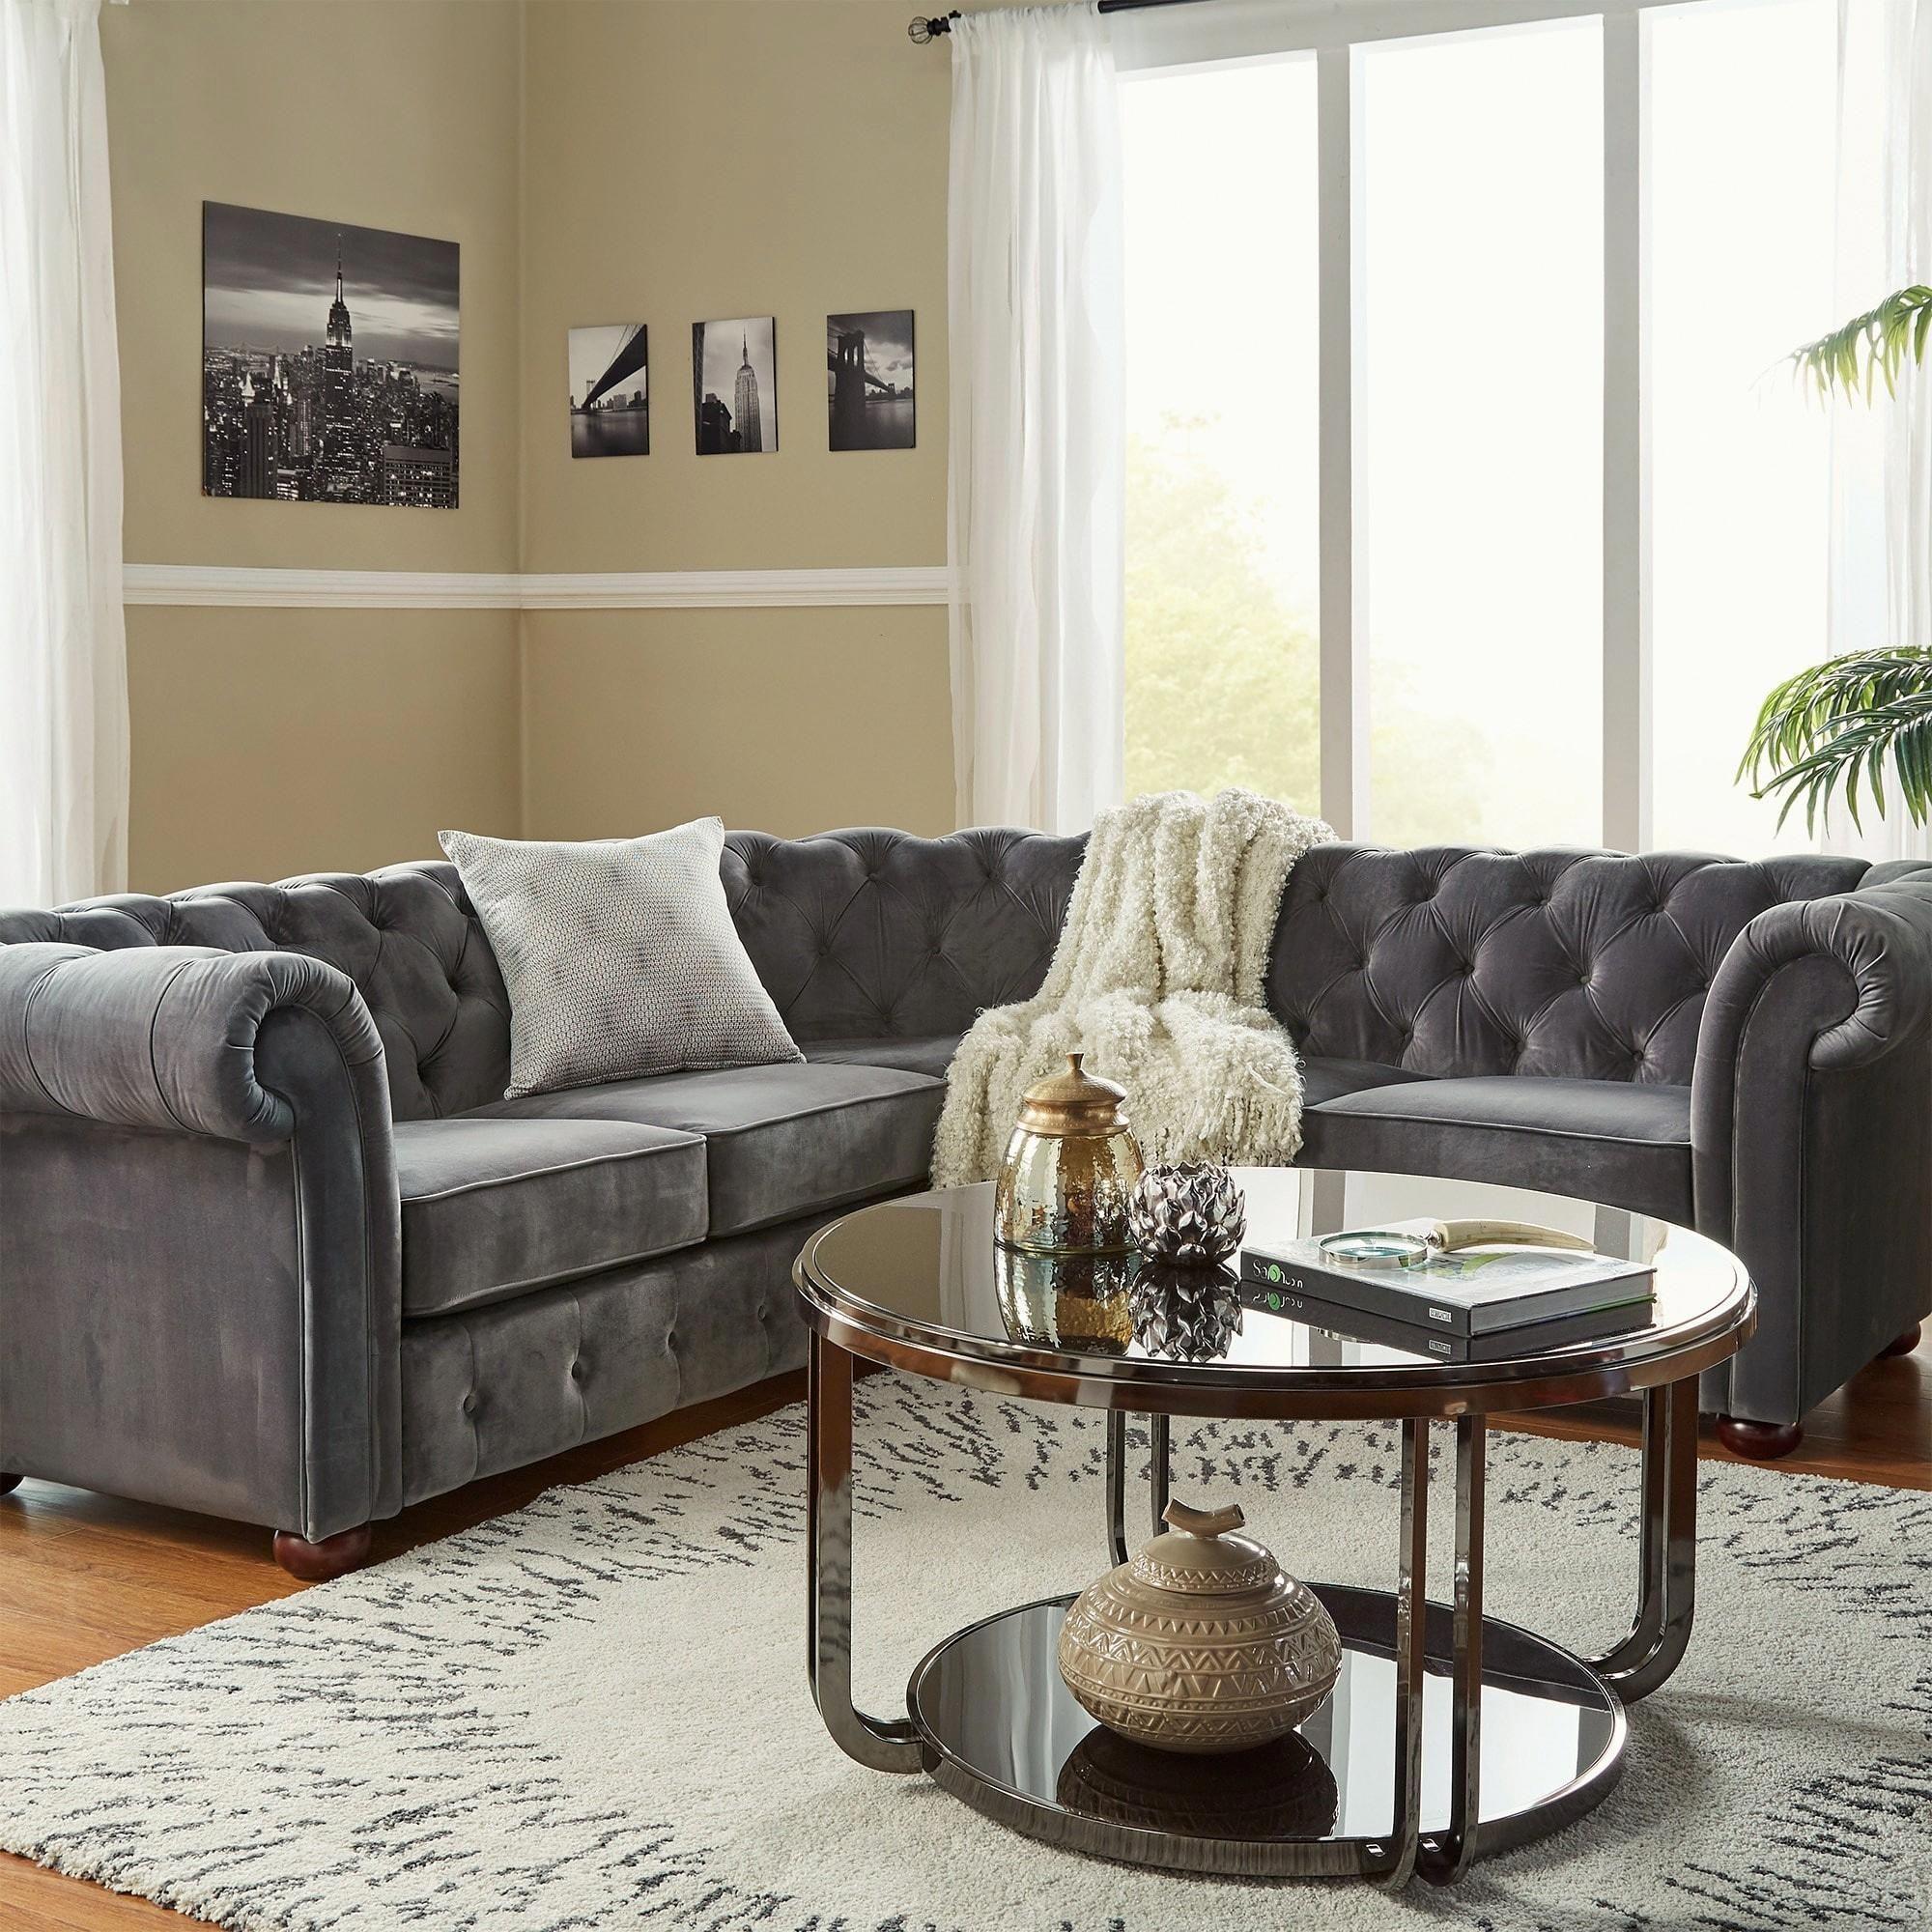 Shipping Furniture To Canada Luxuryfurnitureeso Info 4890319358